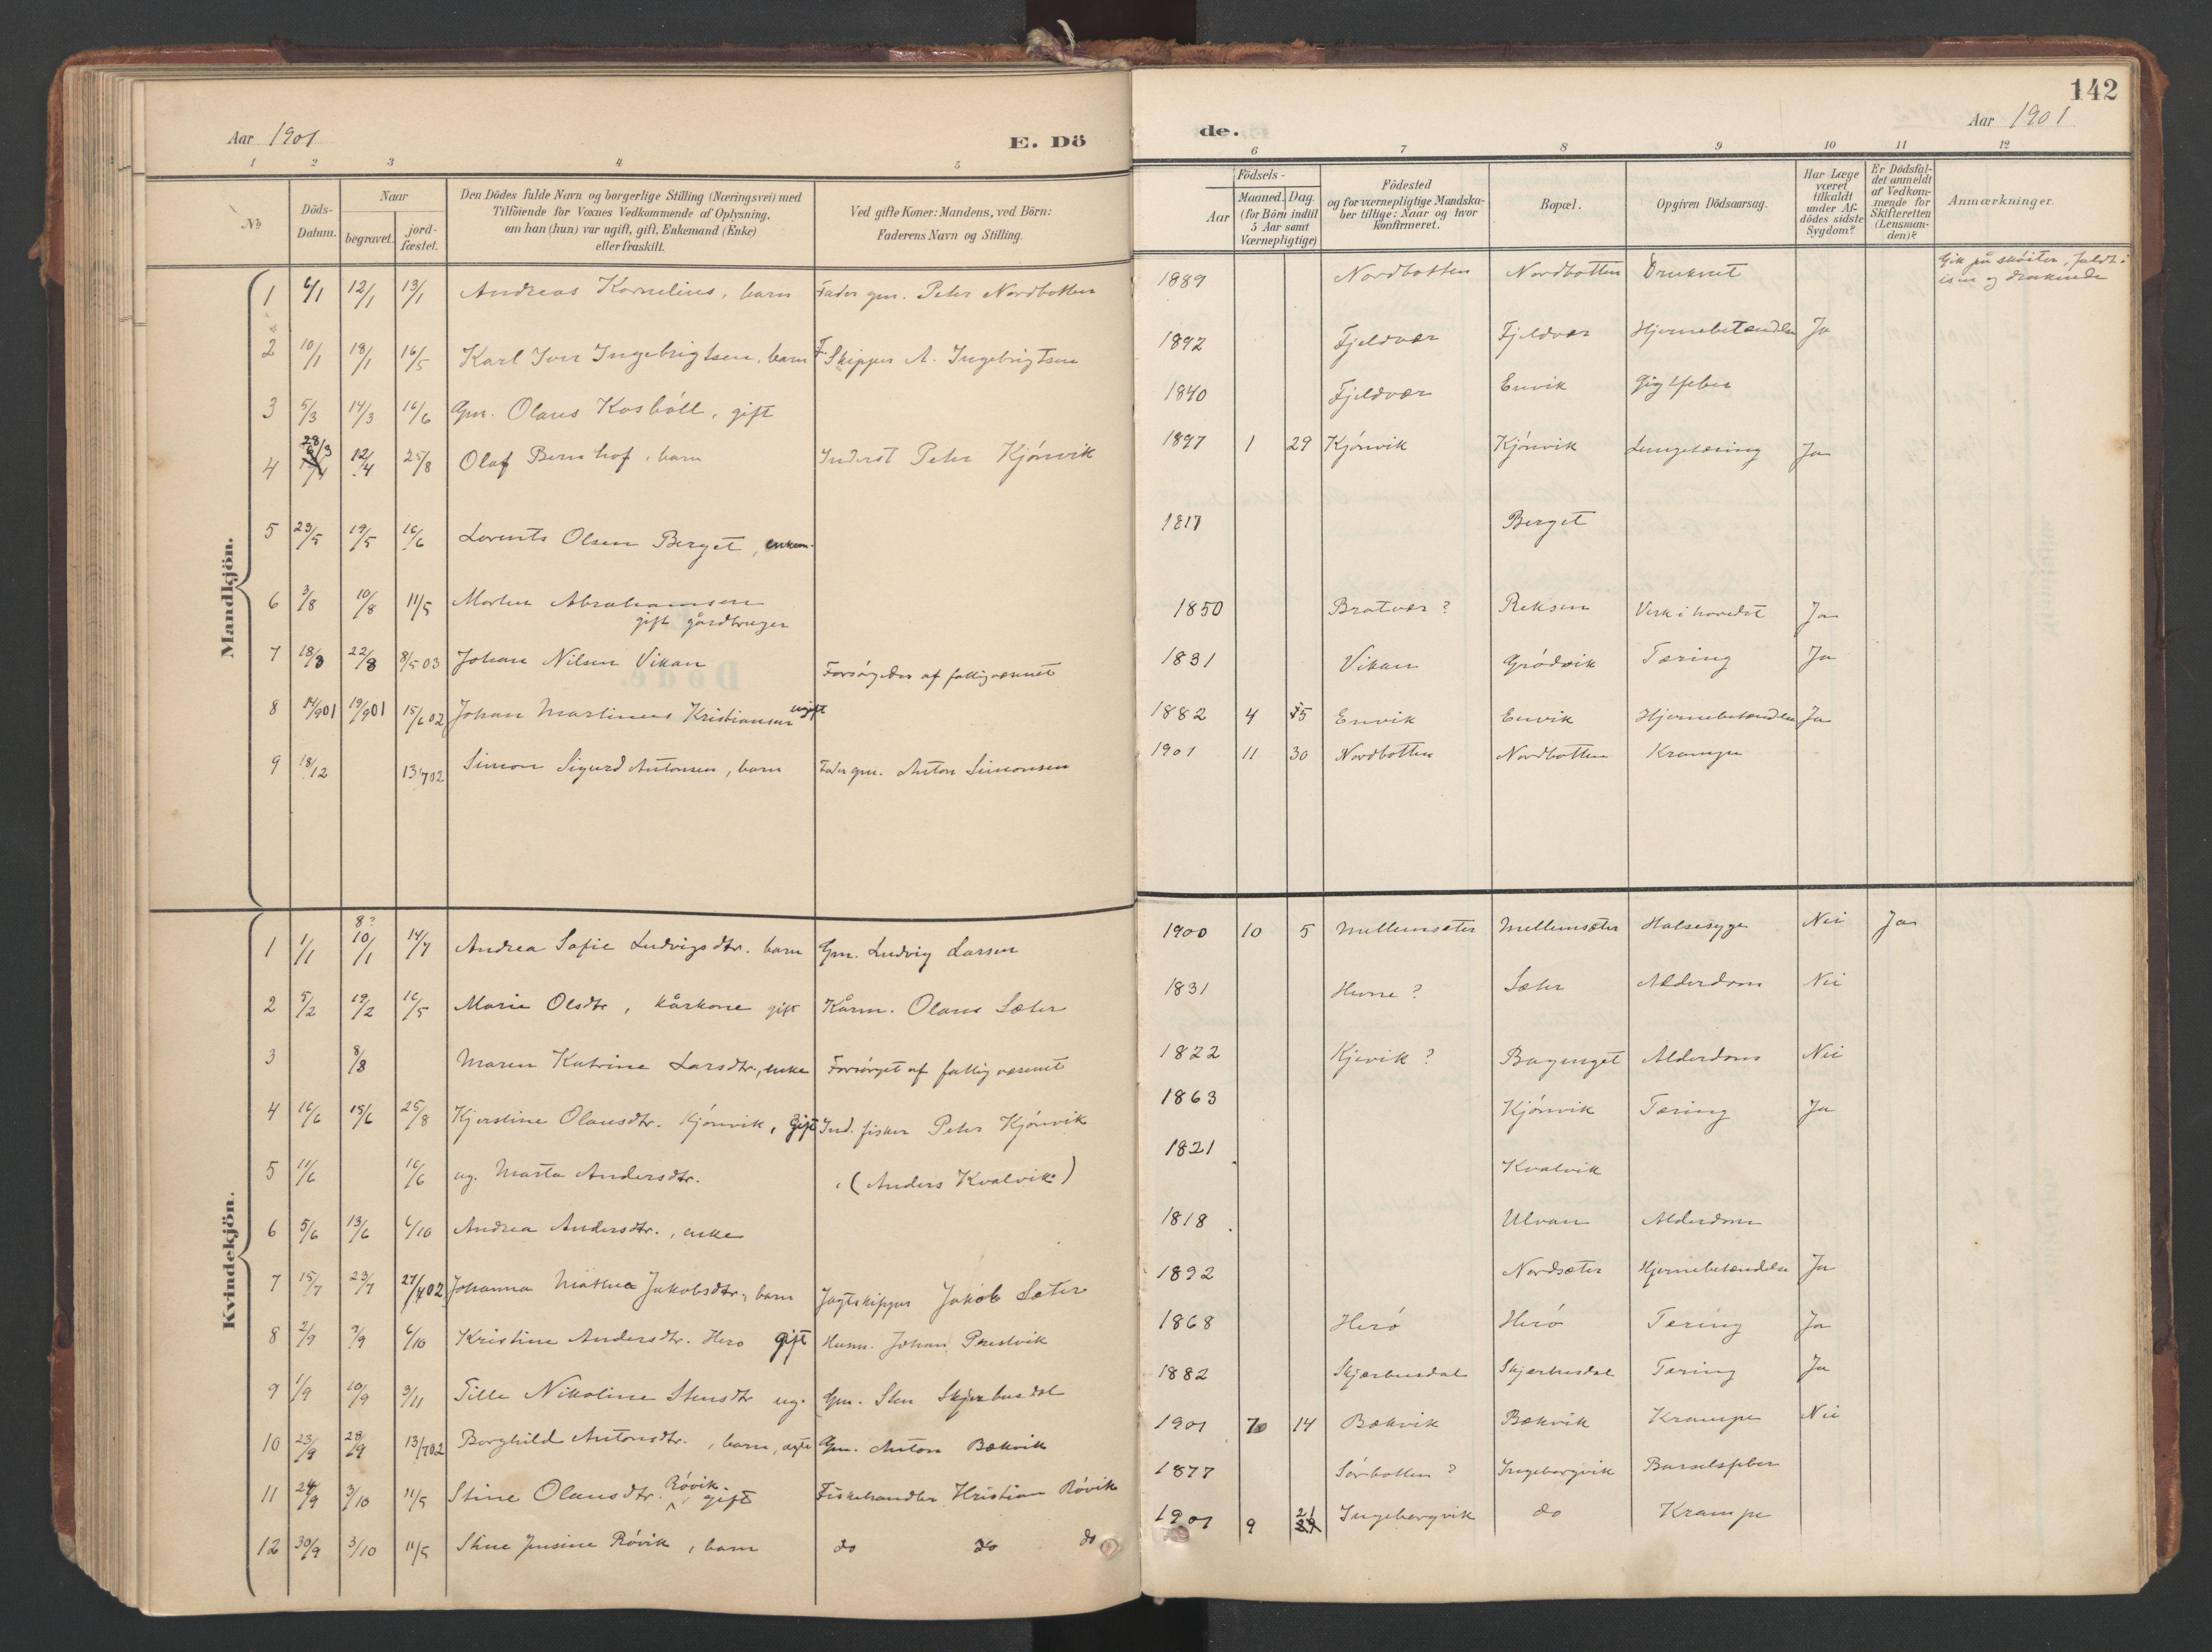 SAT, Ministerialprotokoller, klokkerbøker og fødselsregistre - Sør-Trøndelag, 638/L0568: Ministerialbok nr. 638A01, 1901-1916, s. 142